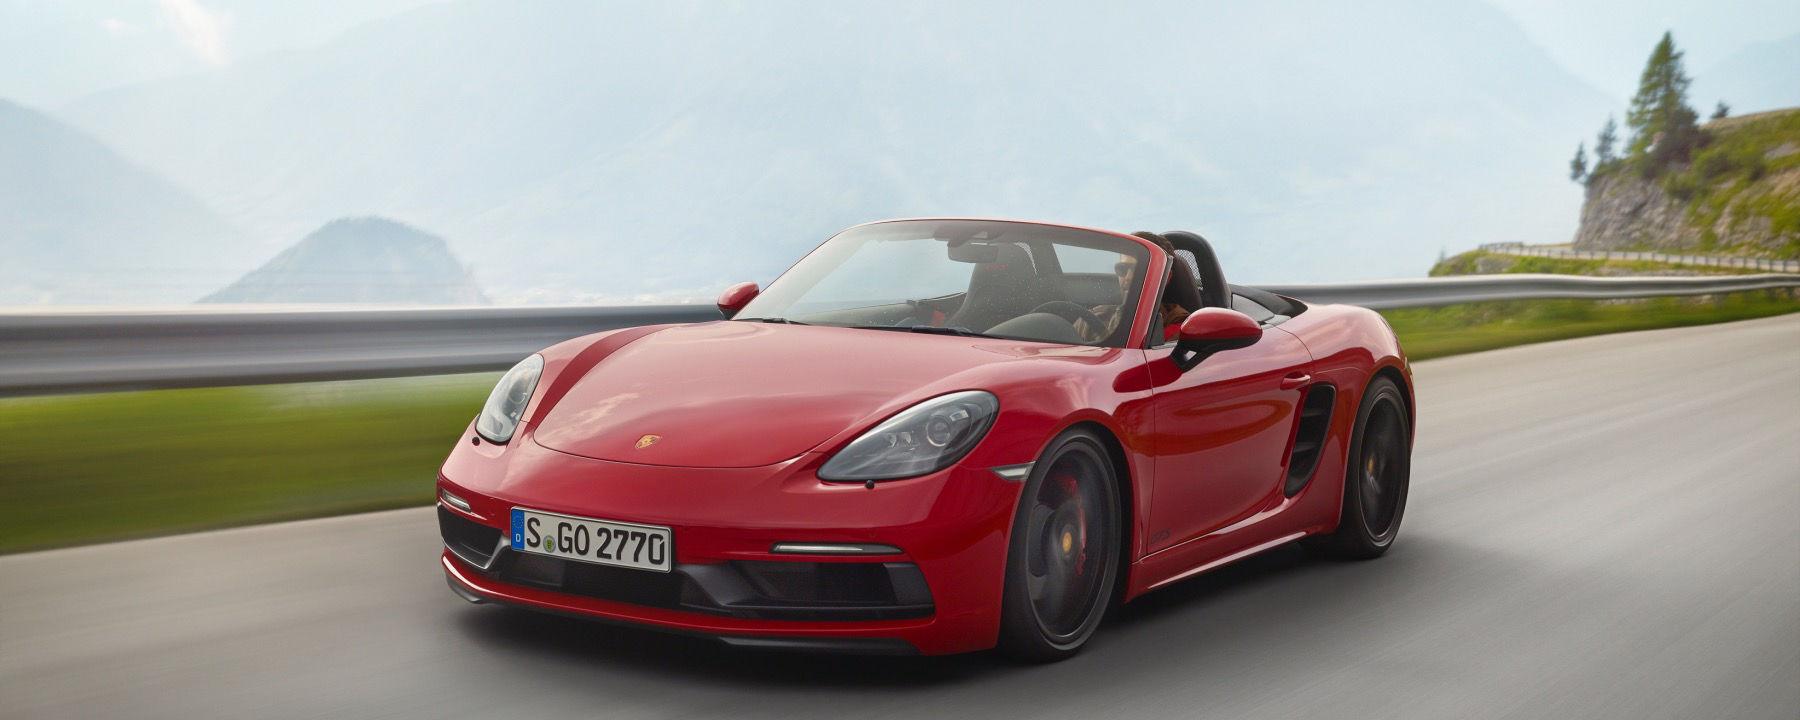 Porsche kategorisi için resim